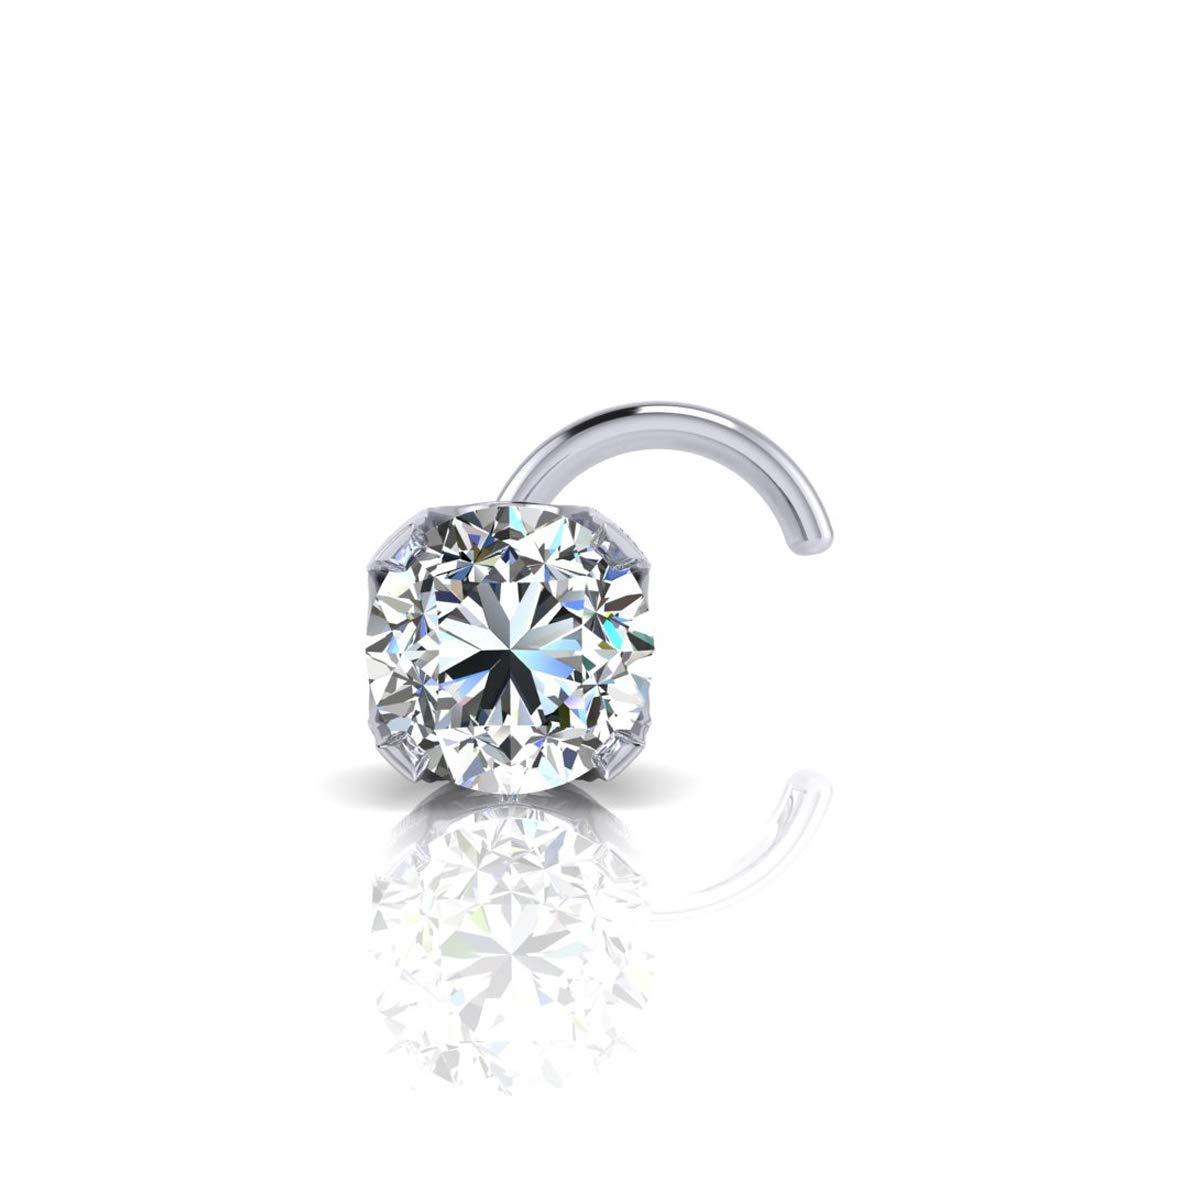 2mm 0.03 Carat Diamond Stud Nose Ring In 14K White Gold